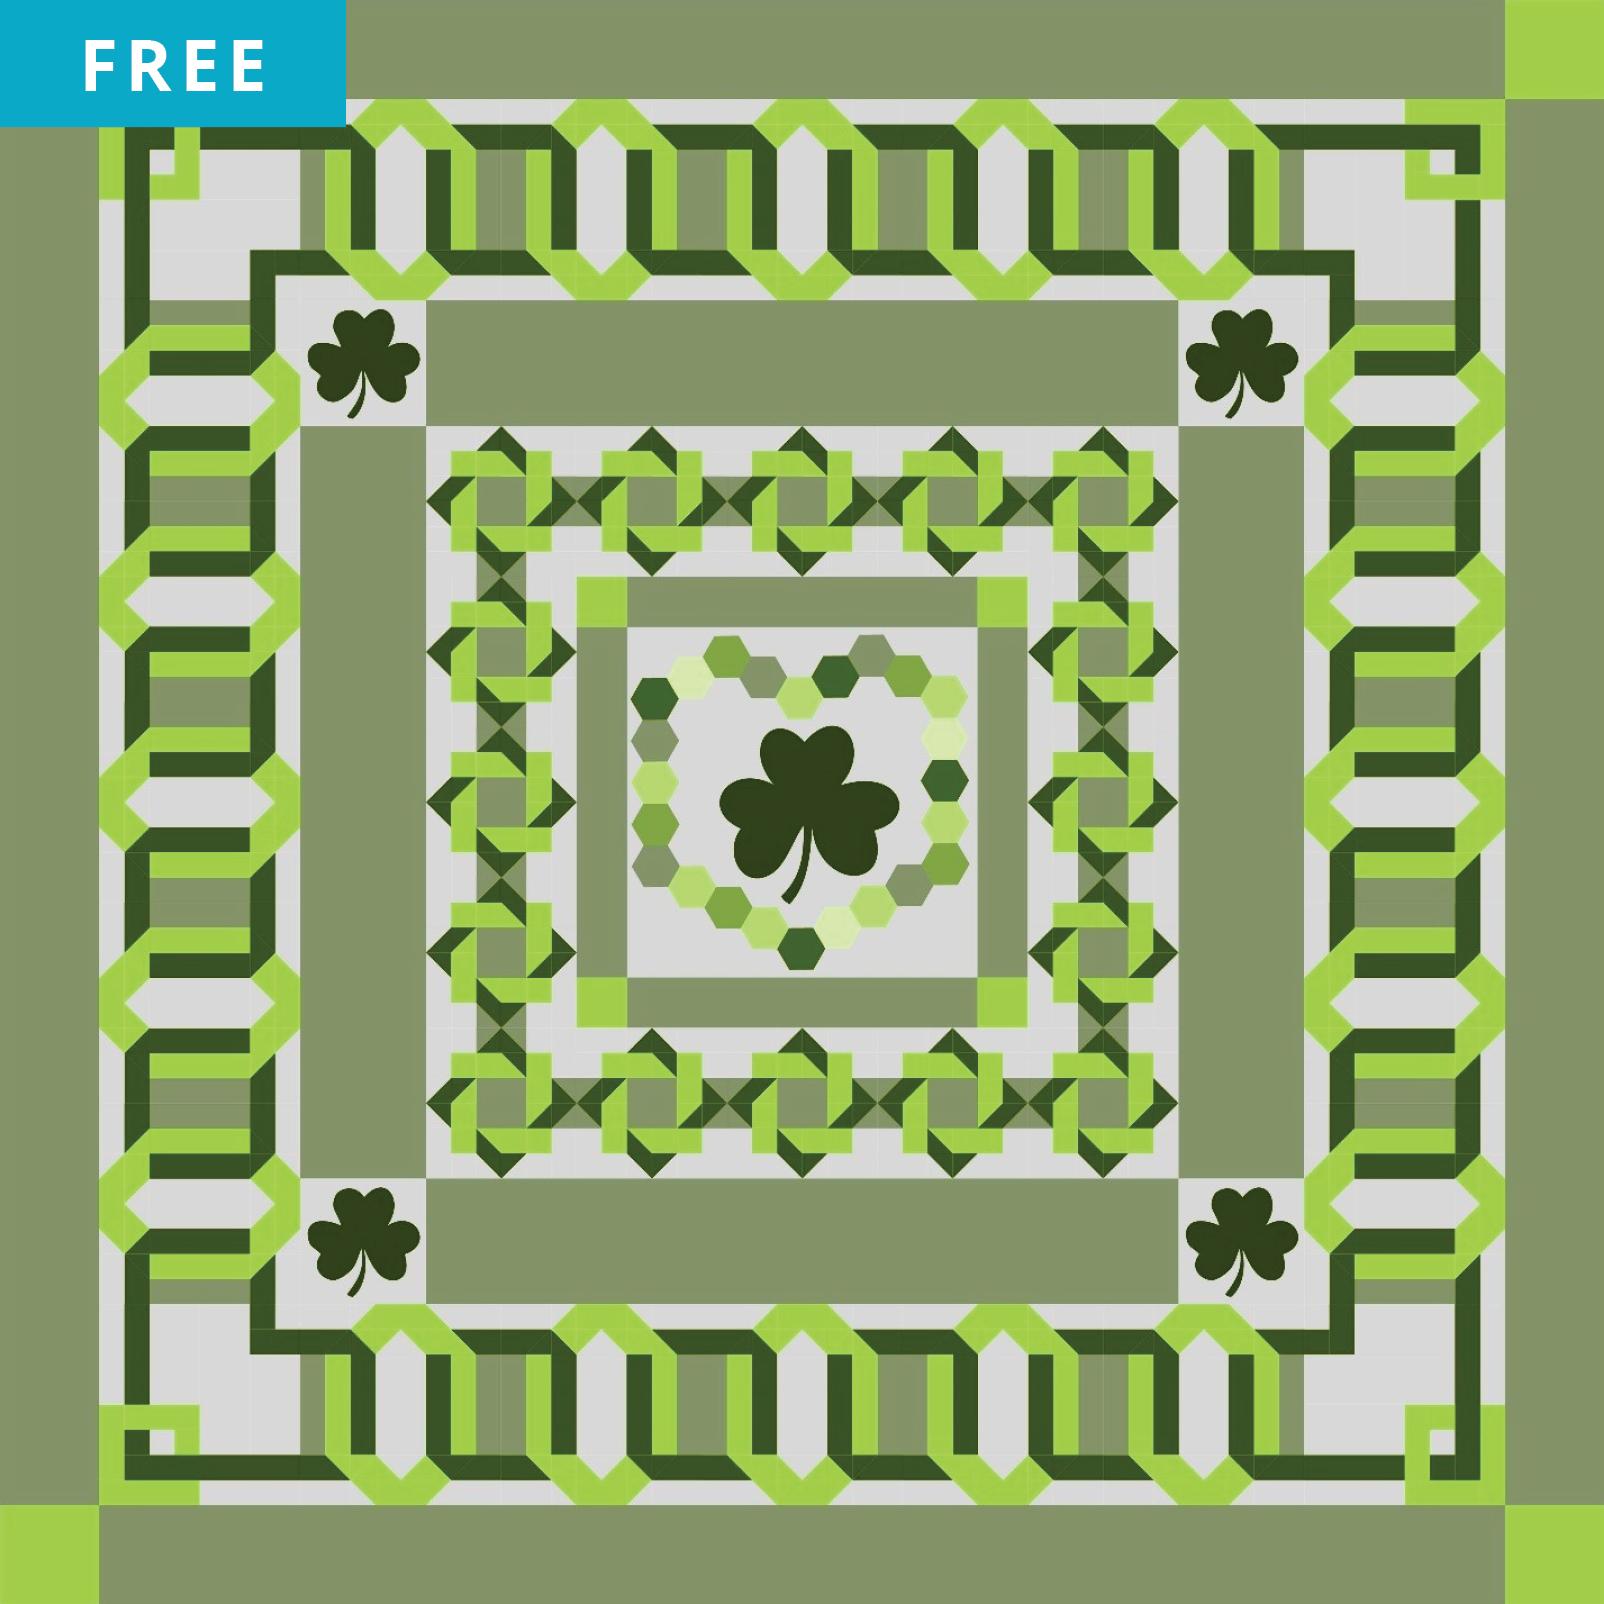 Free Quilt Pattern - Irish Quilt